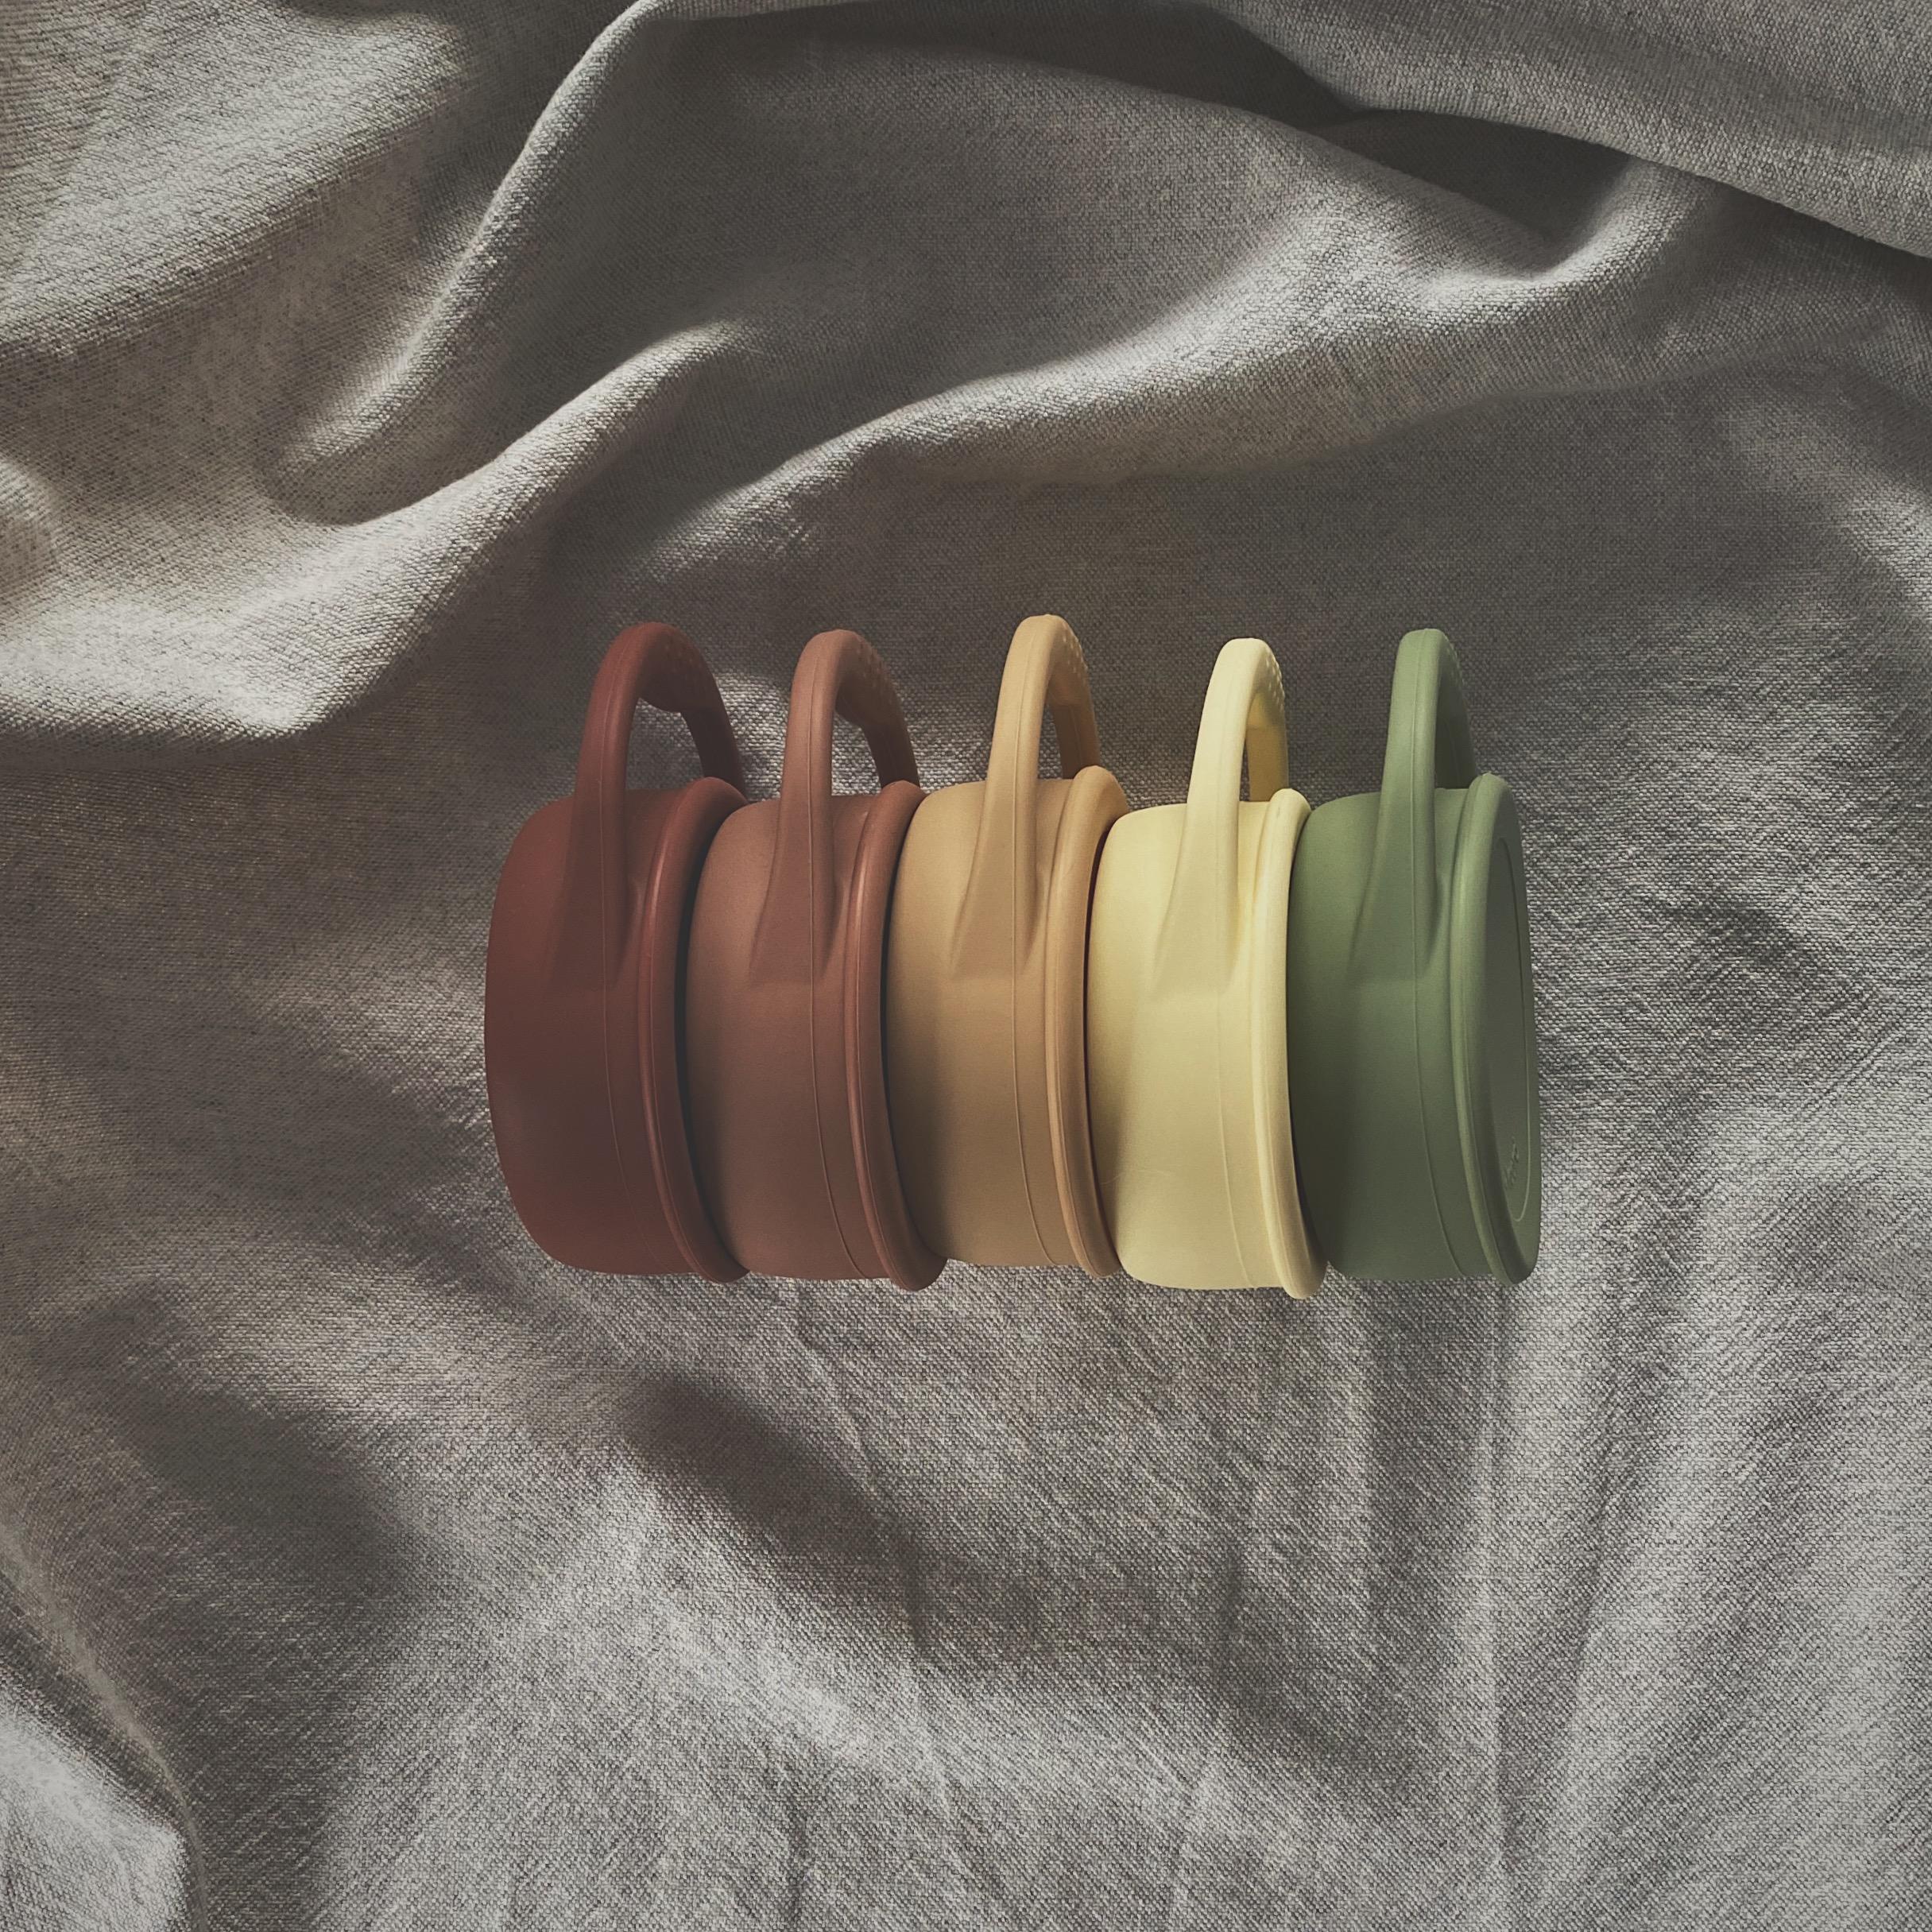 Afbeelding Speen & Koord Snack cups I Eagle